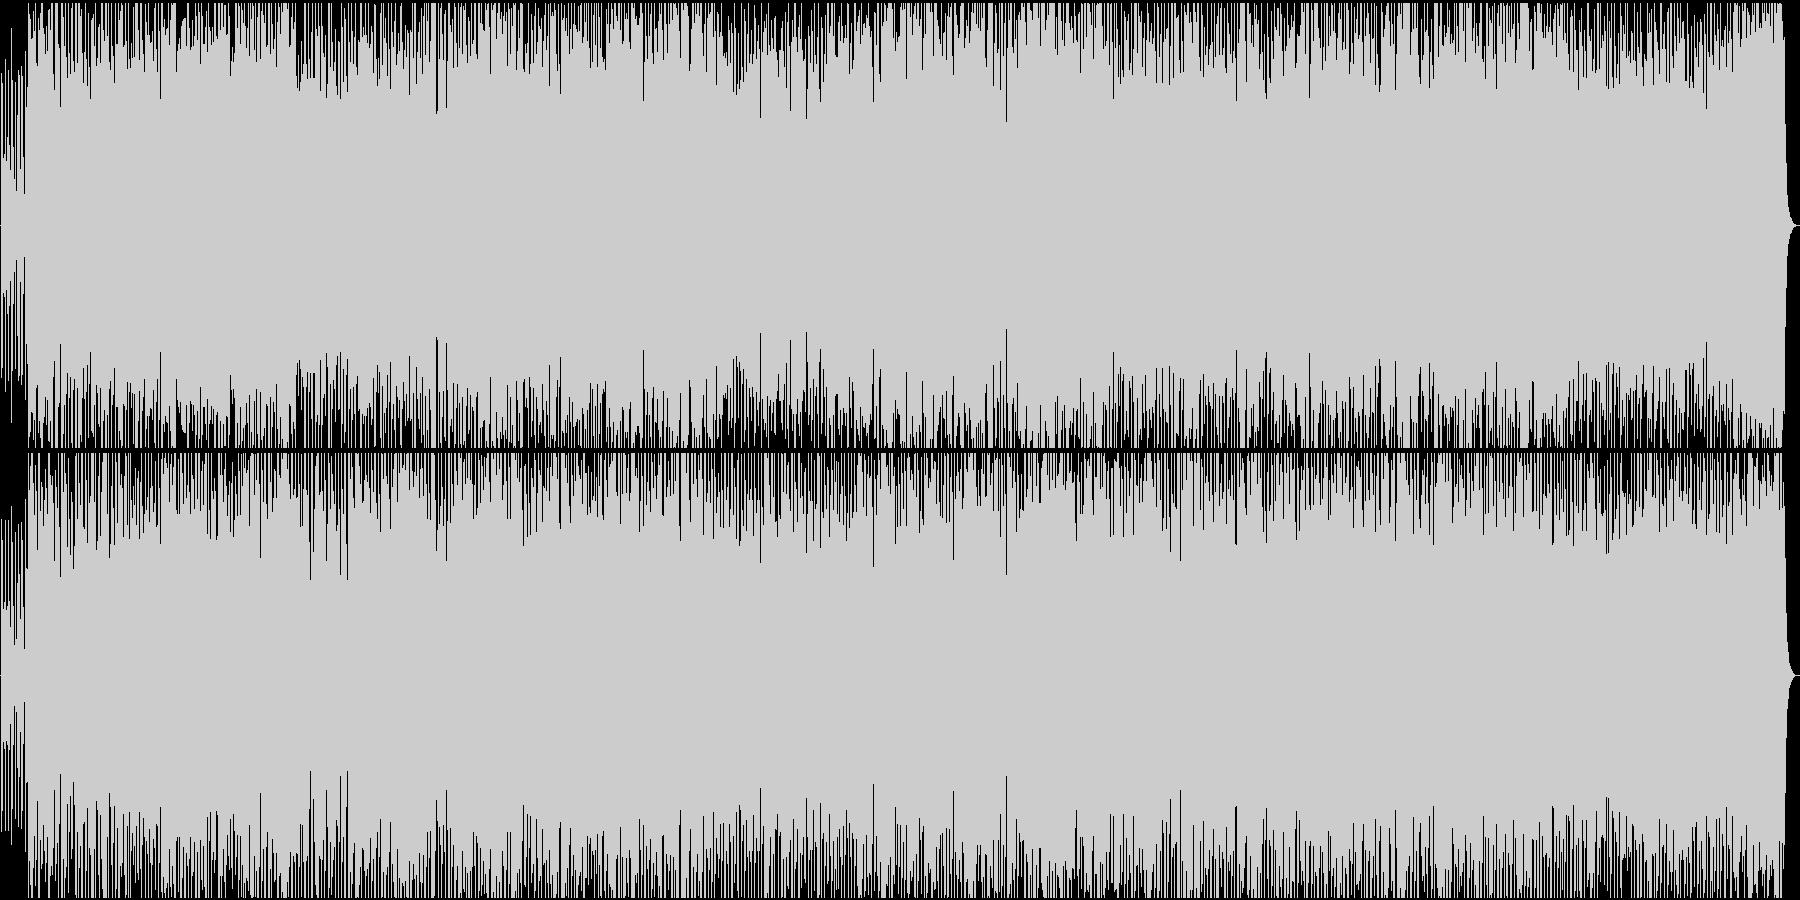 各種楽器のソロの軽快なブルーグラスの未再生の波形